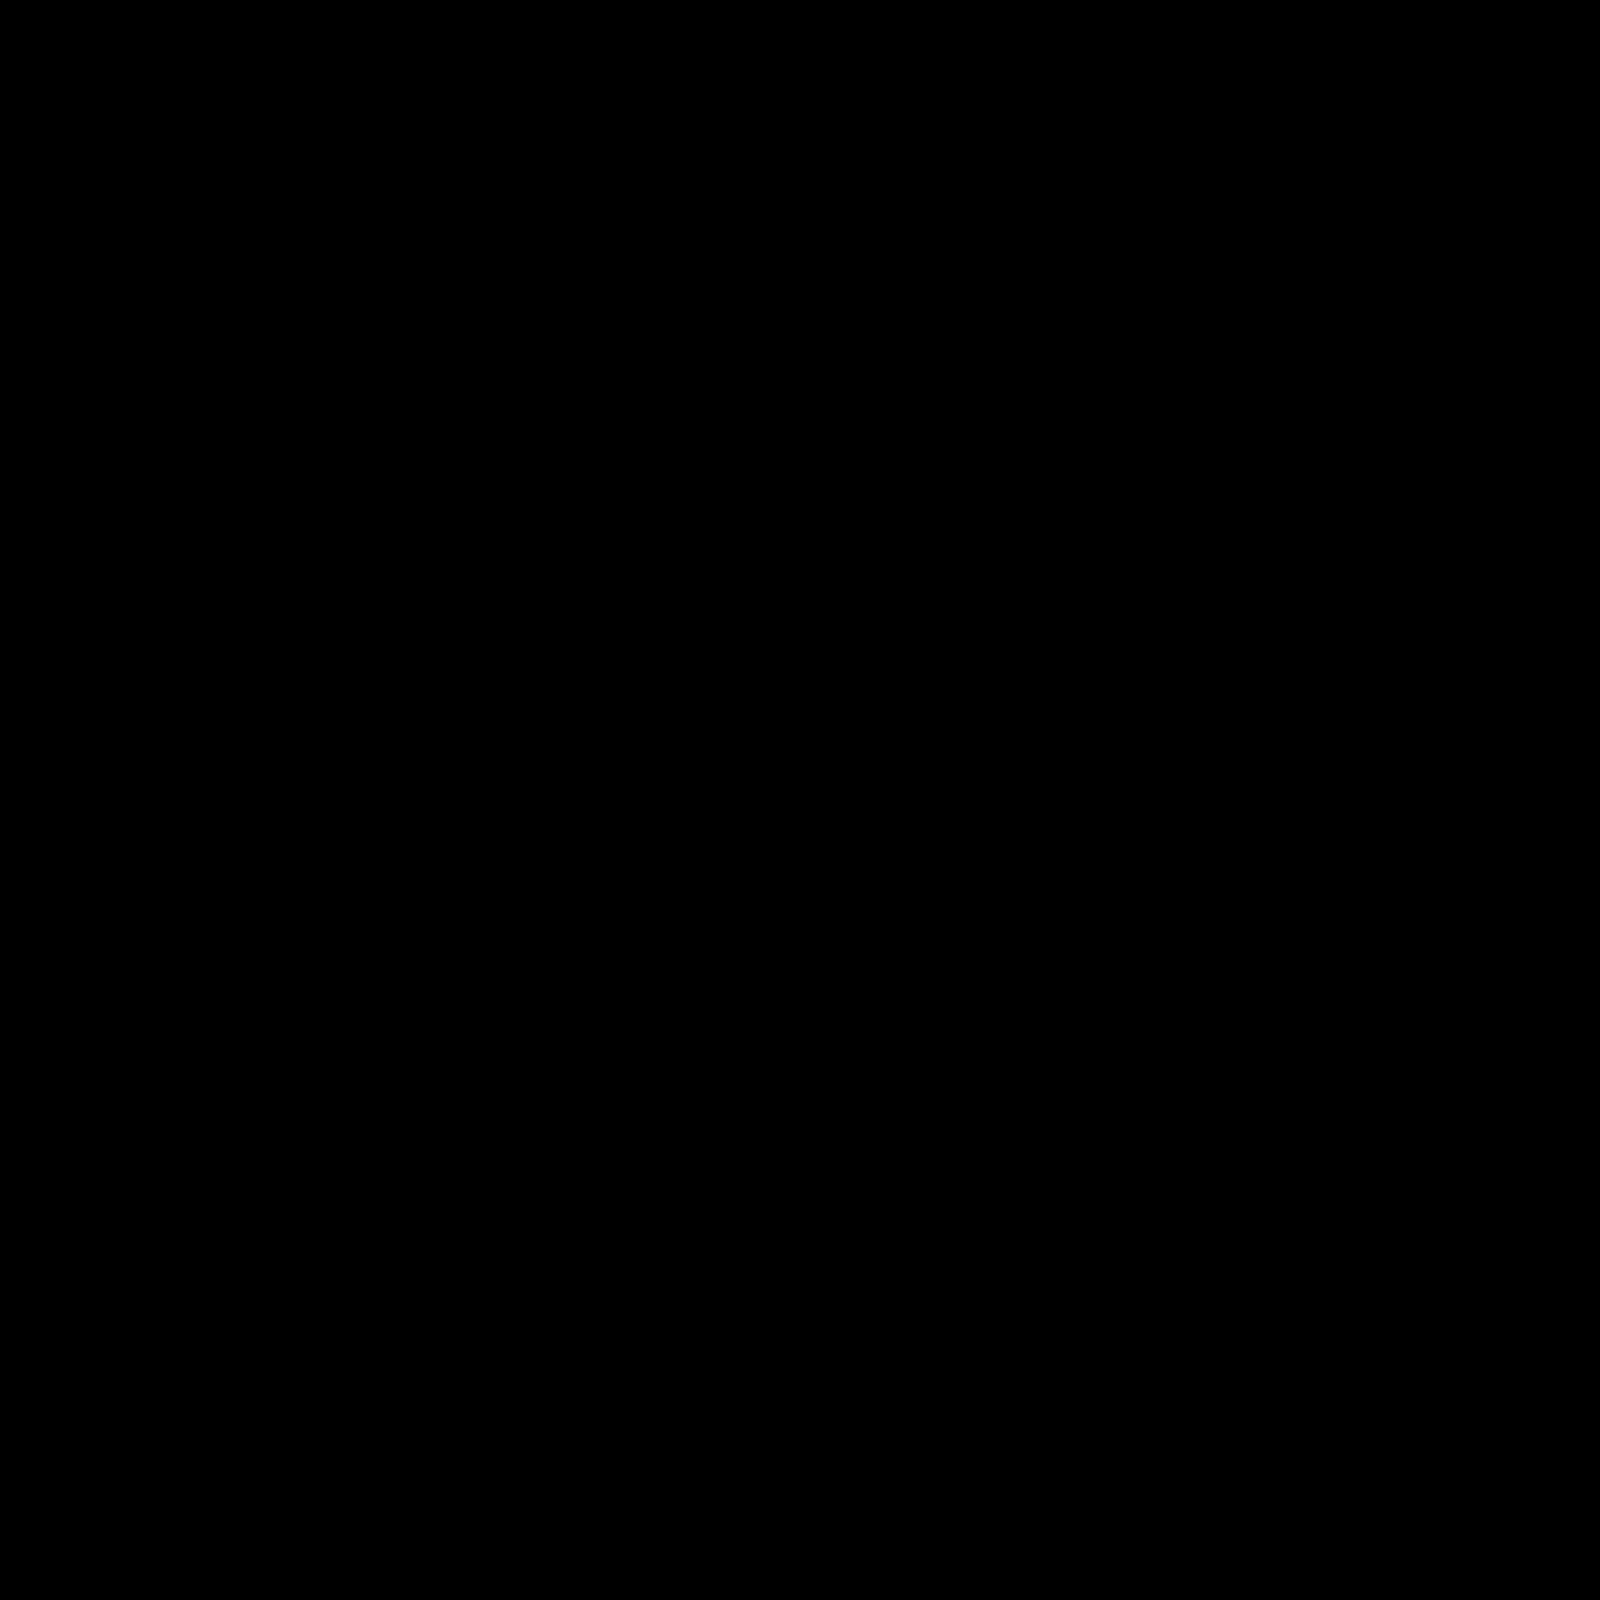 Domowe biuro icon